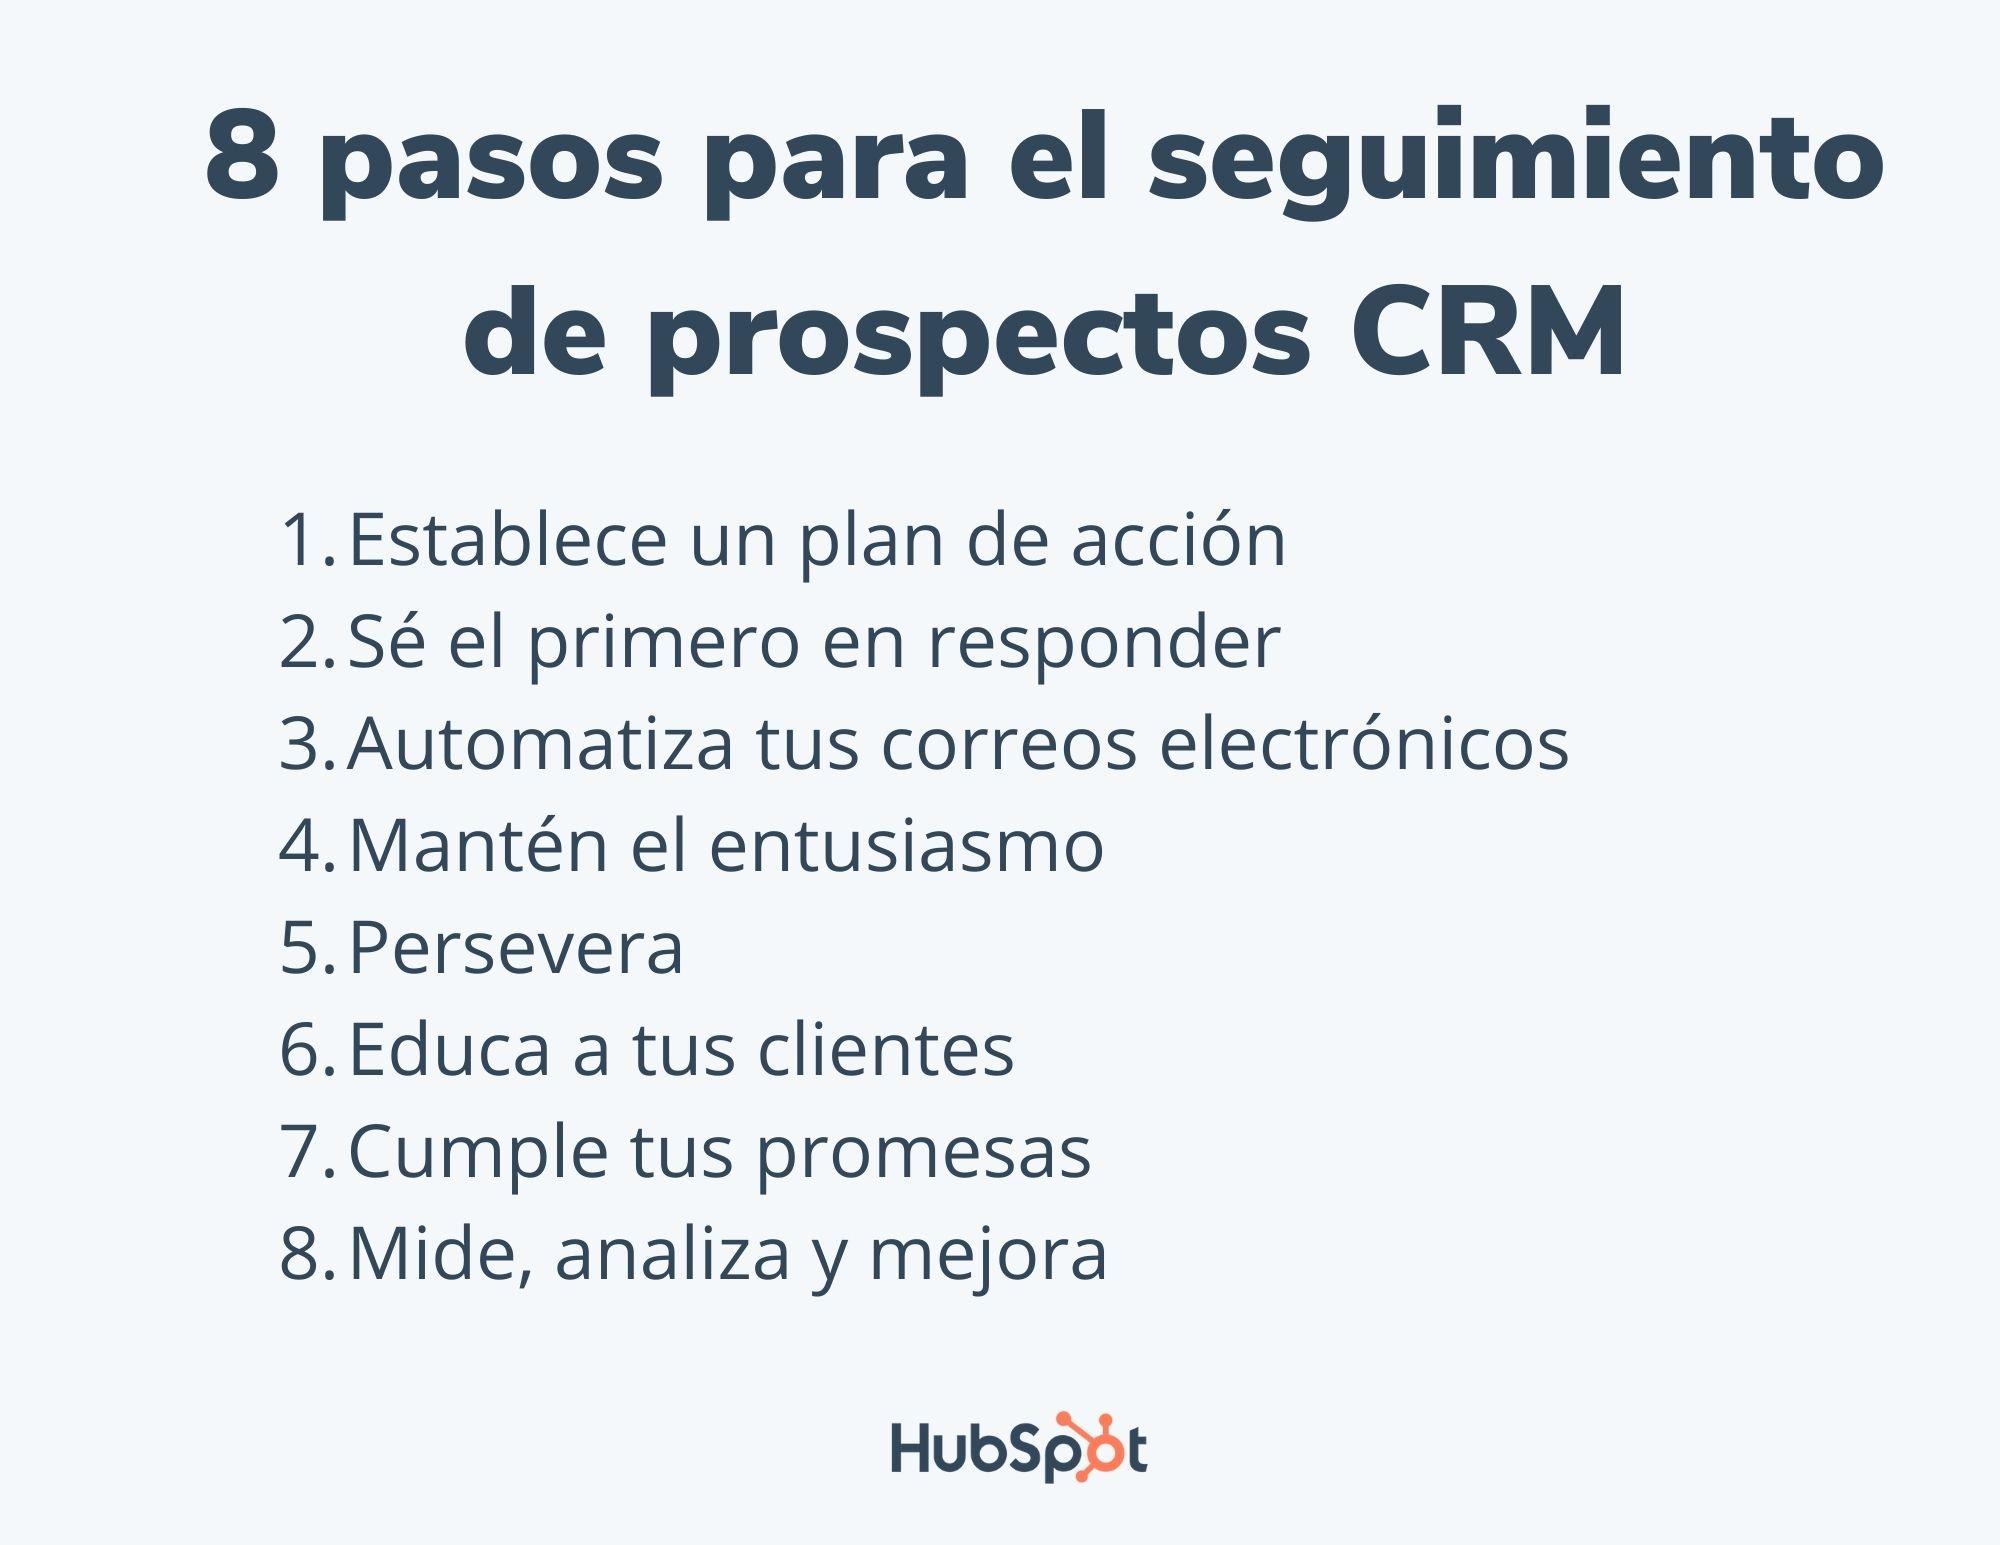 8 pasos para el seguimiento de prospectos de CRM